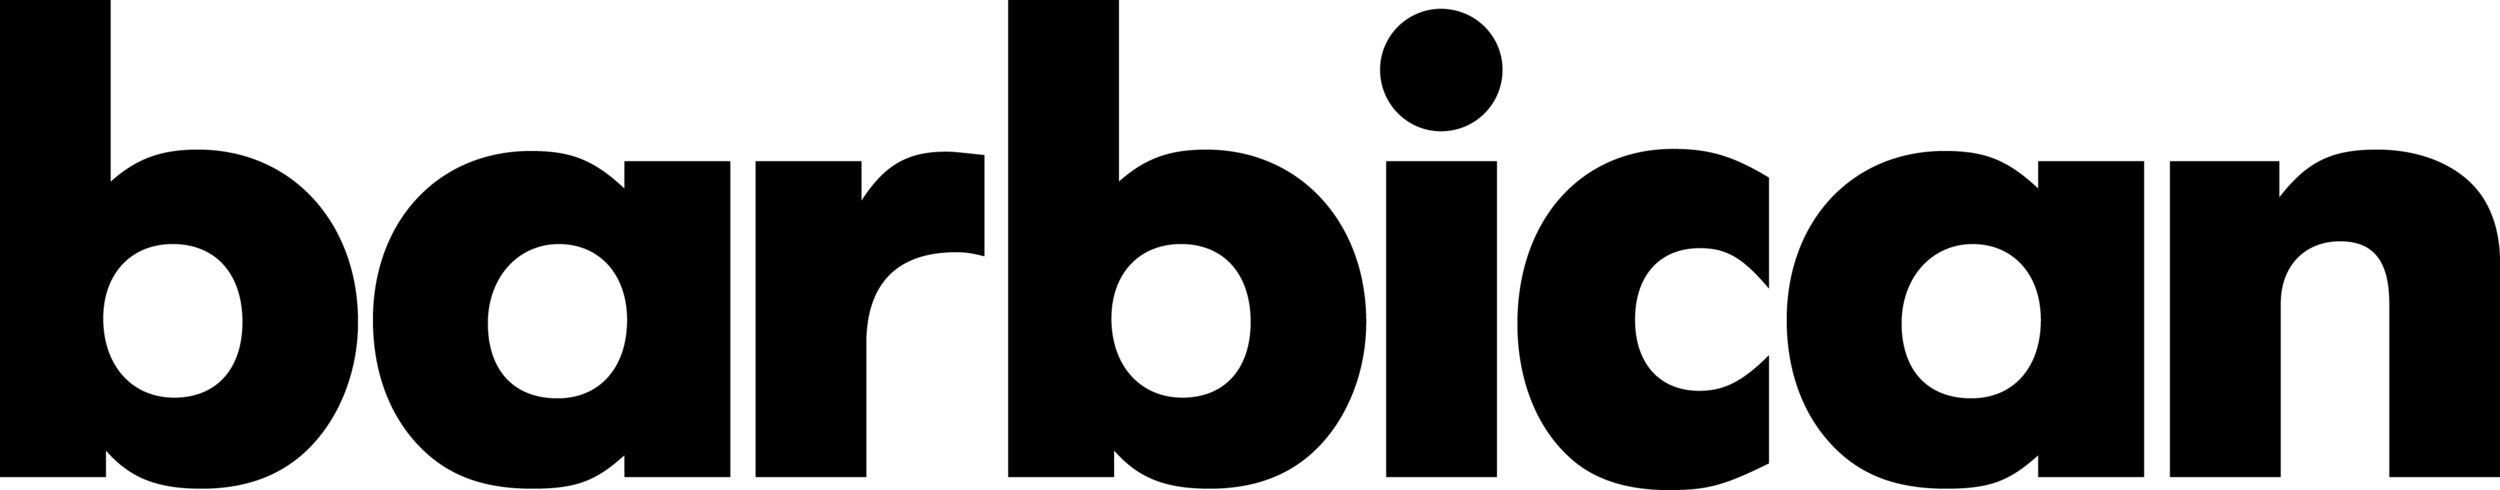 Service Design Fringe Festival - Barbican Logo.jpg